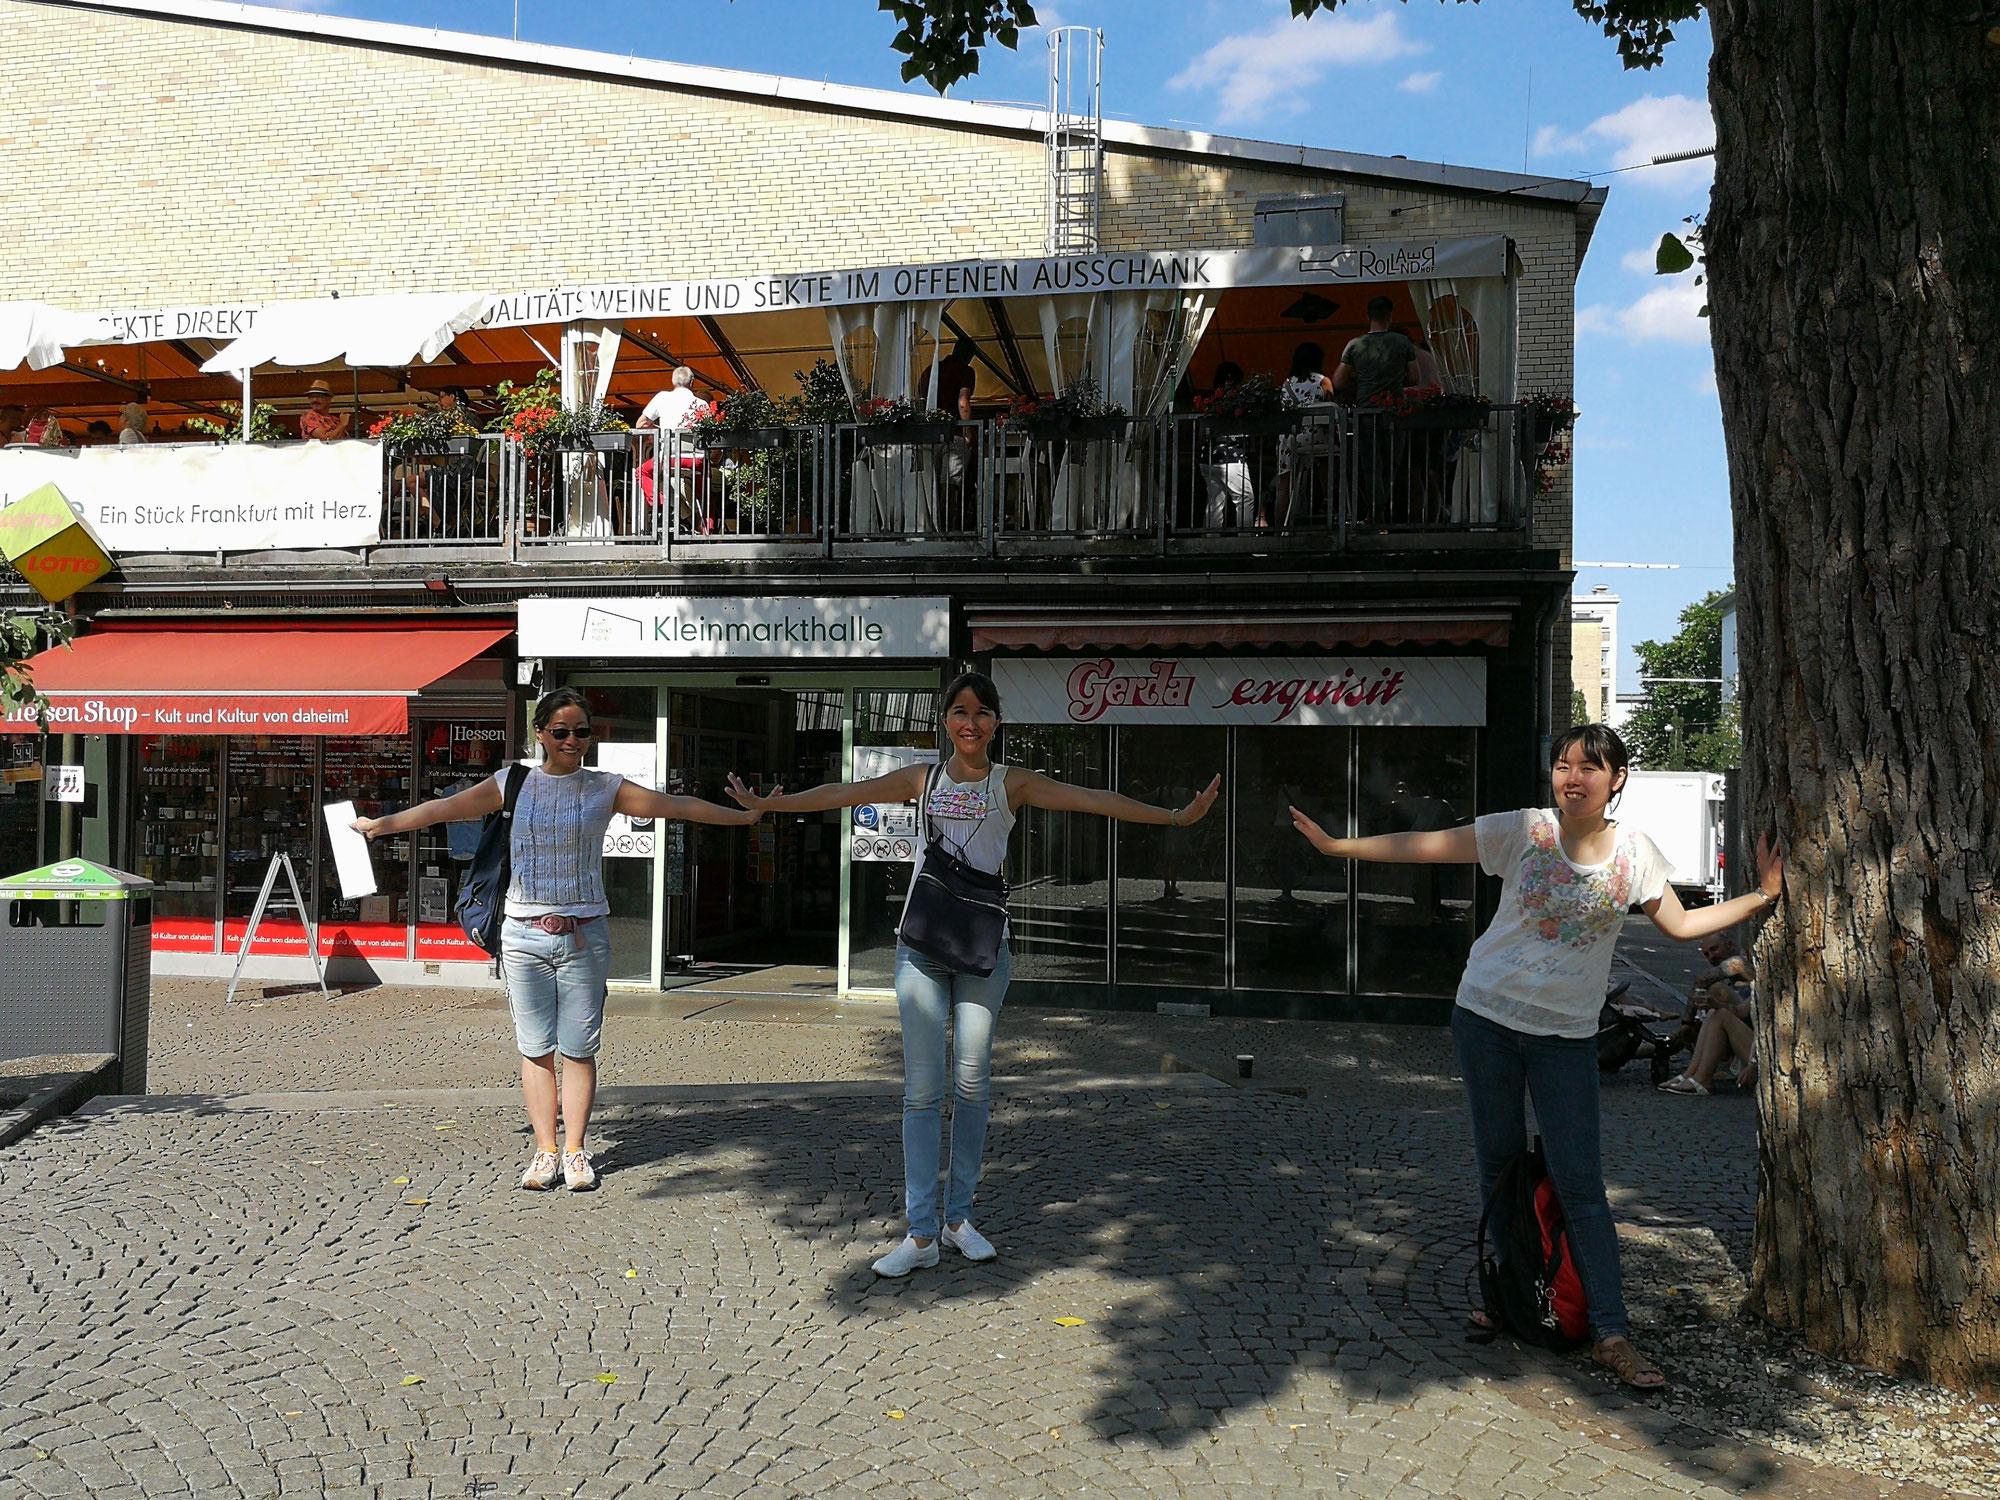 Stadtbesichtigung mit unserem B2 Deutsch Intensivkurs / City tour with our B2 German intensive course